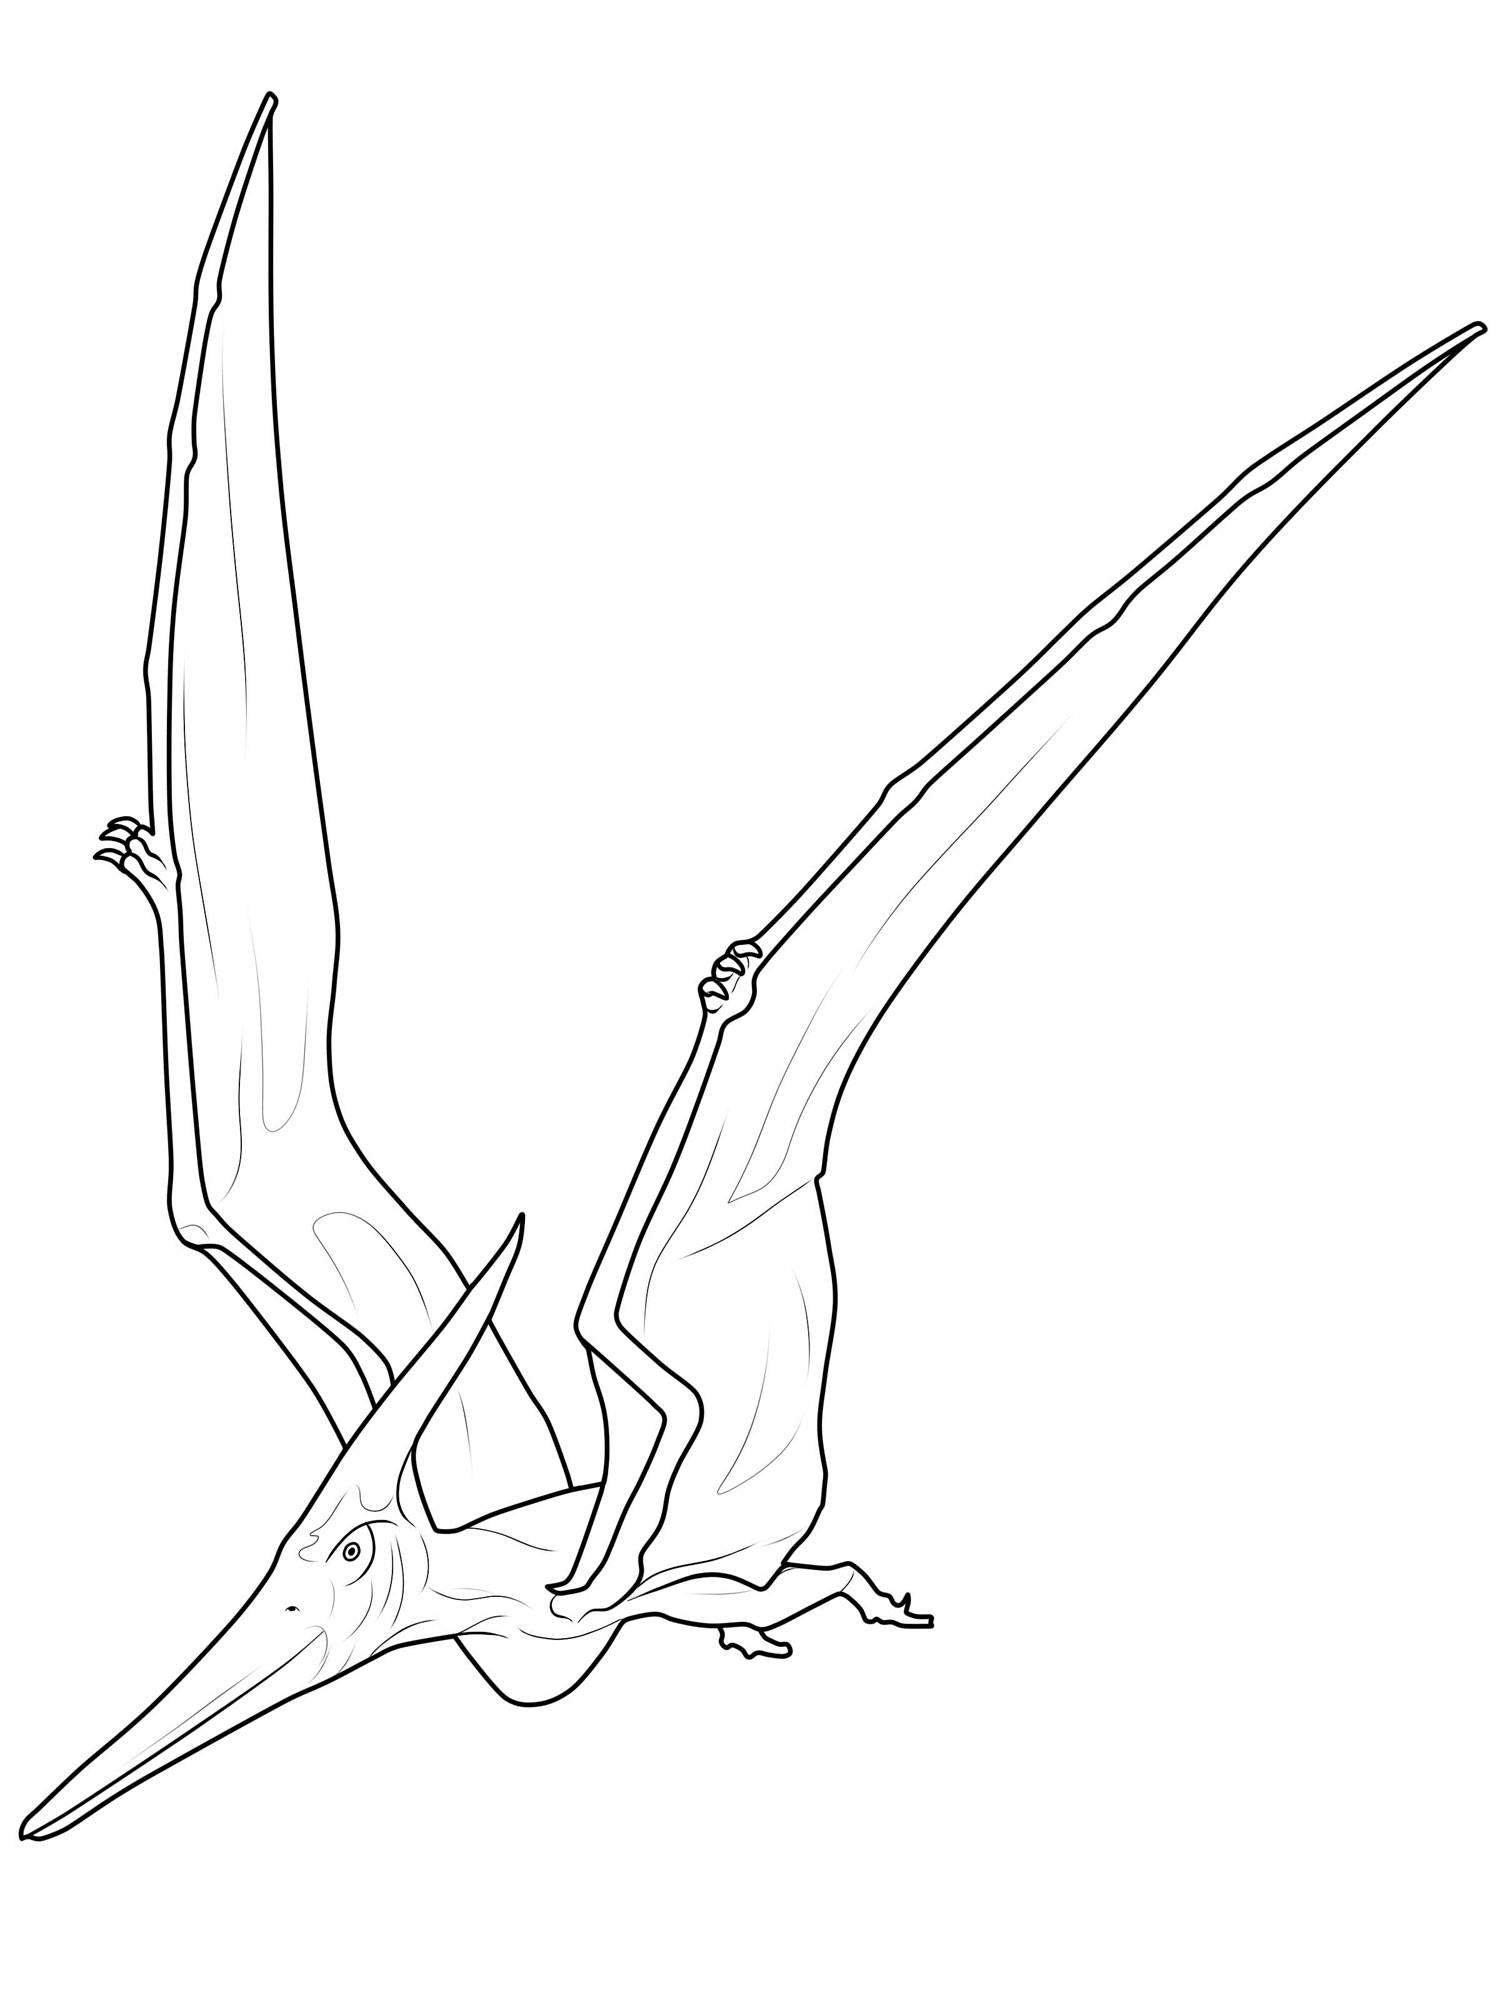 Dinosaurier Ausmalbilder Kostenlos Ausdrucken : Ausmalbild Dinosaurier Und Steinzeit Dinosaurier Pterodactyl